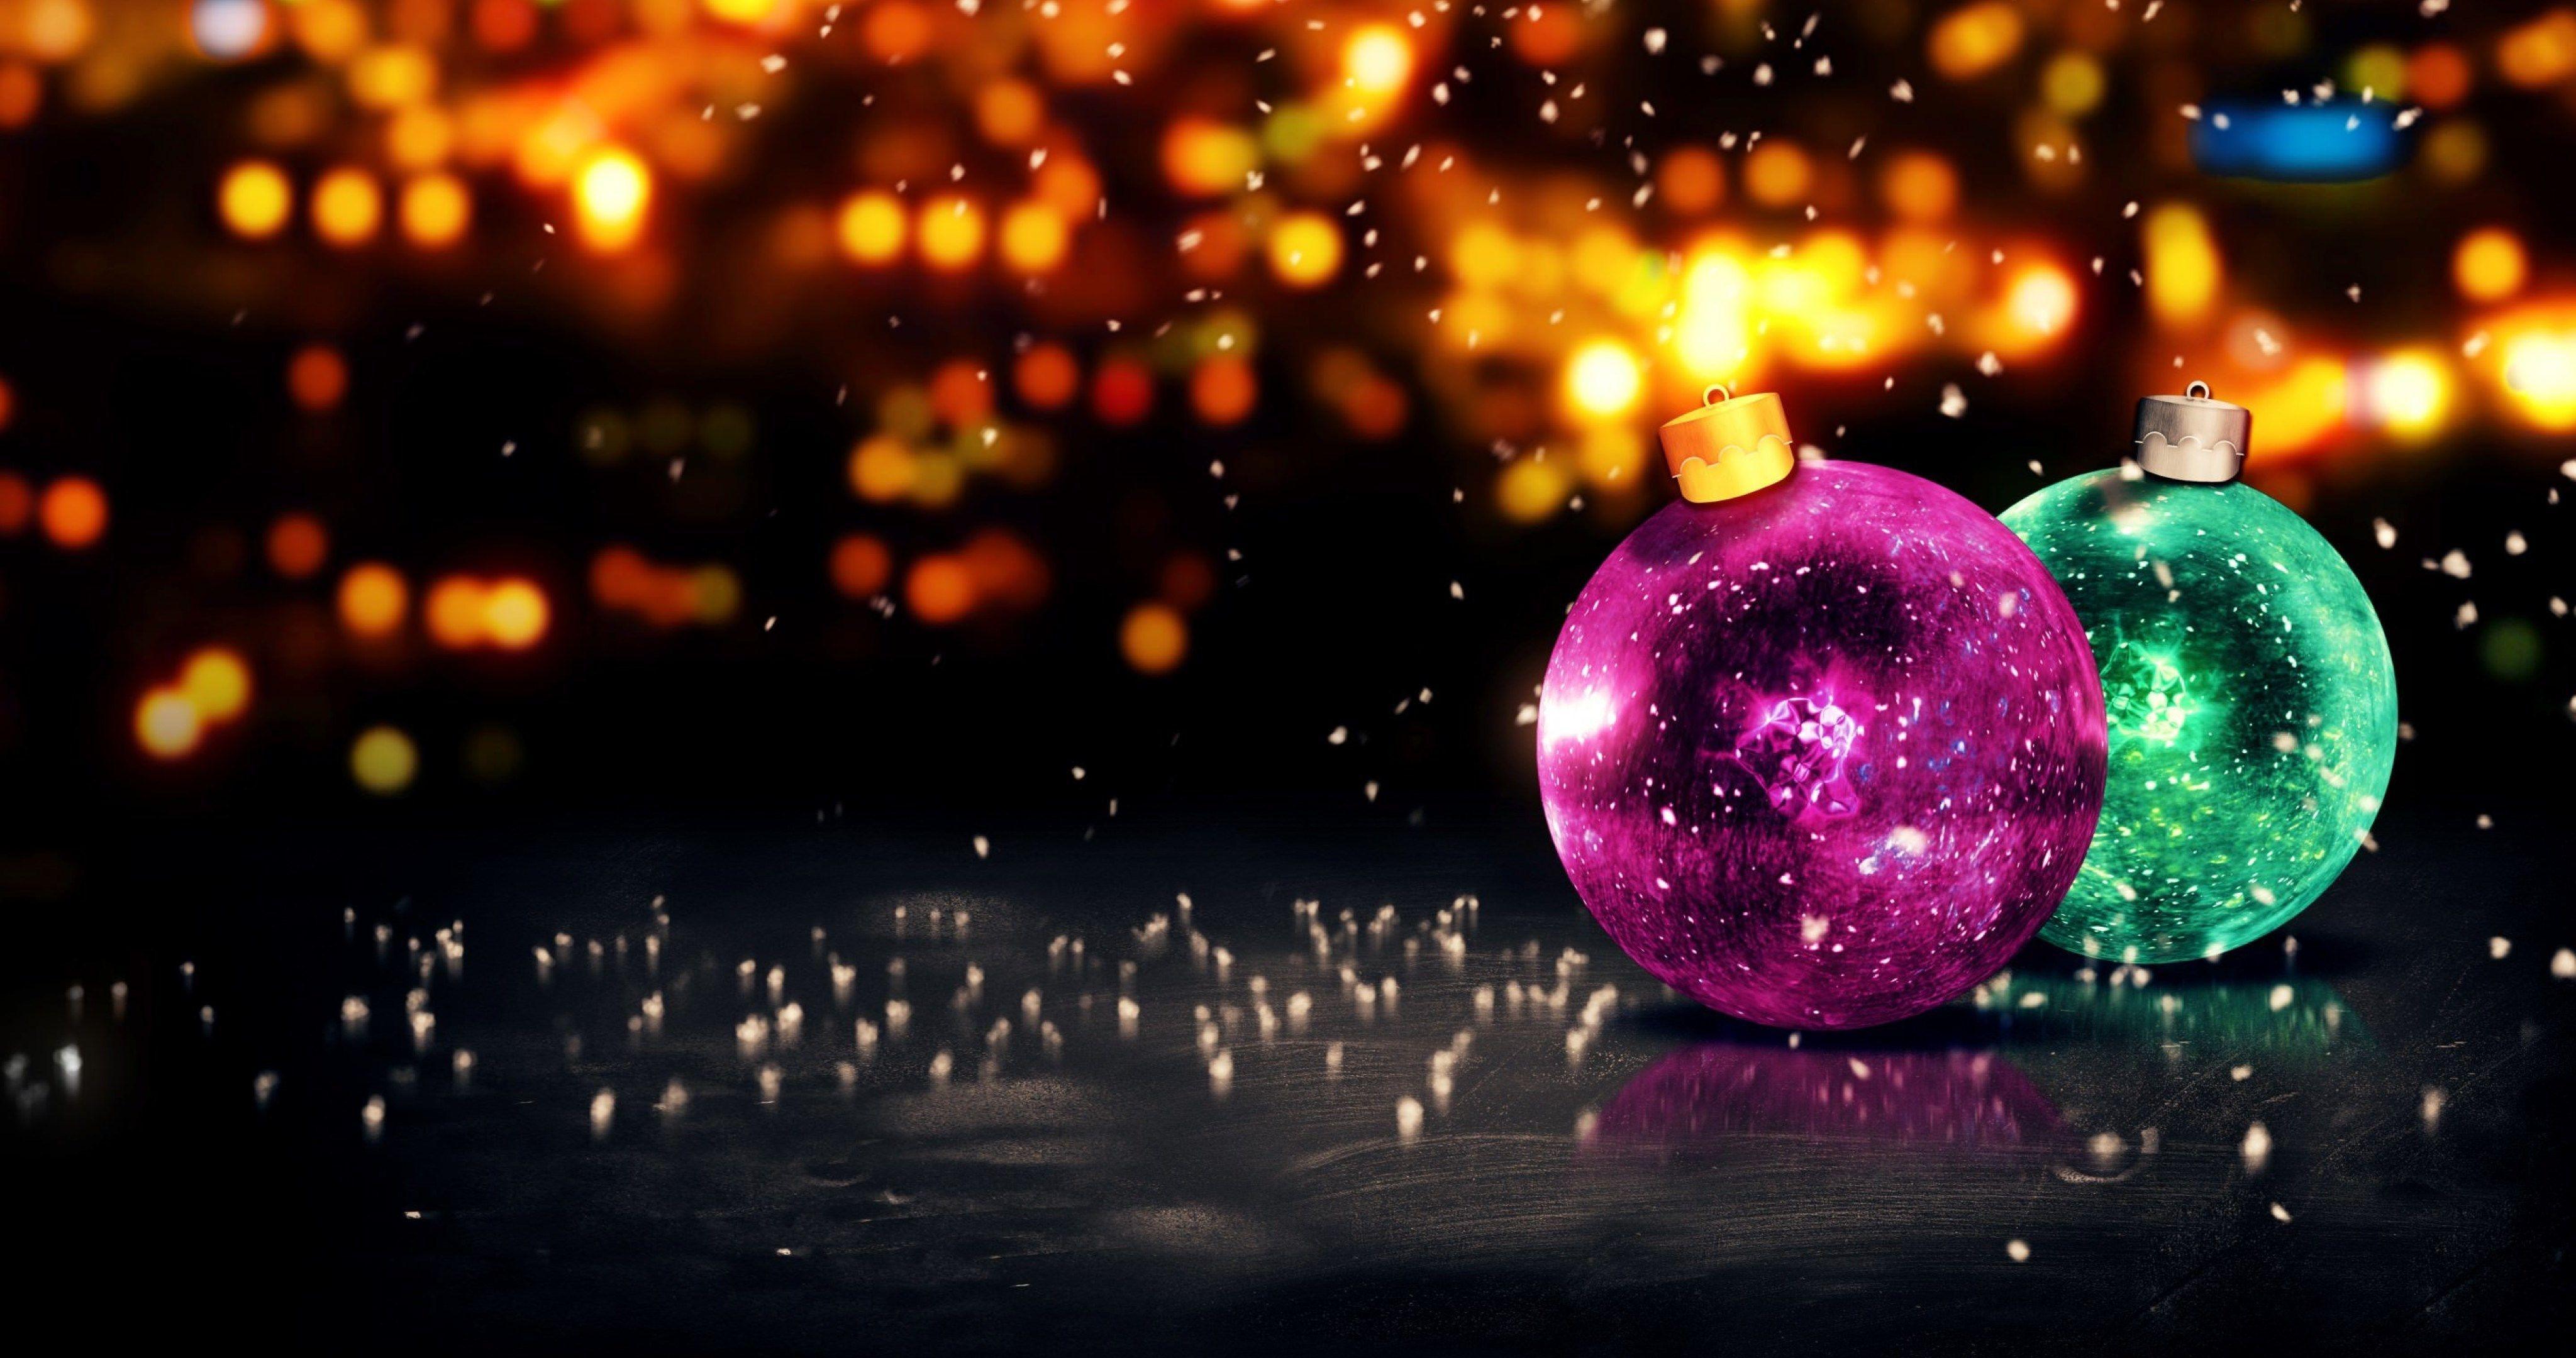 Christmas Balls 4k Wallpapers 4096x2160